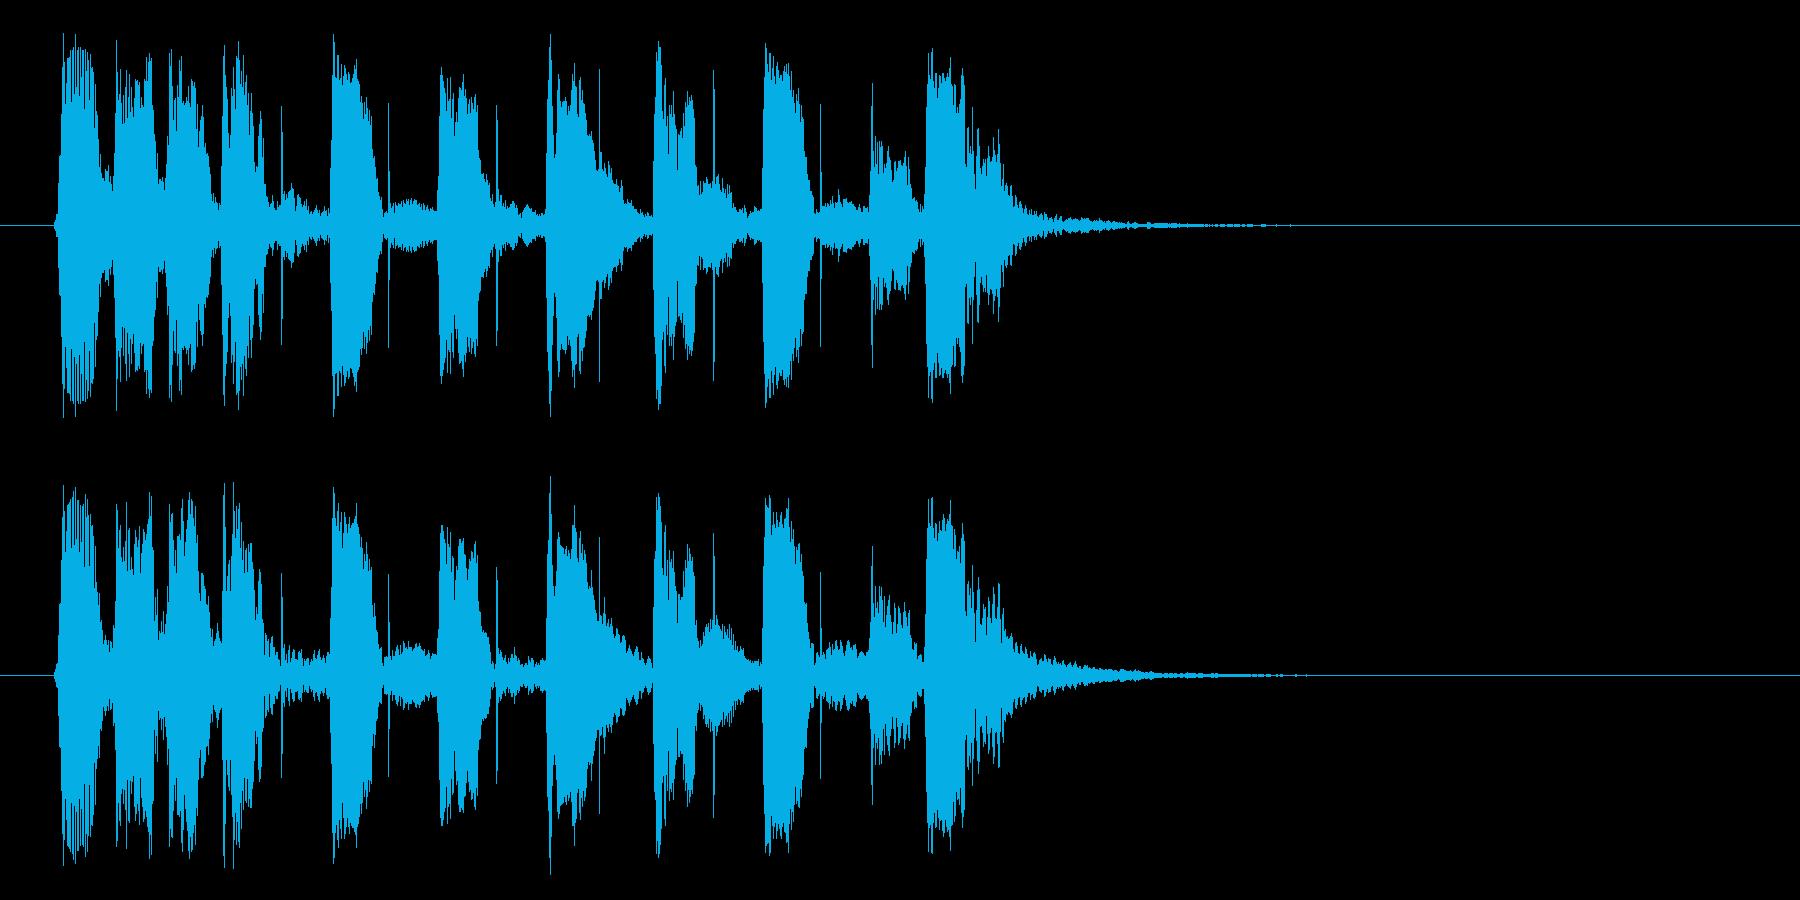 ベースの響きがかっこいいBGMの再生済みの波形